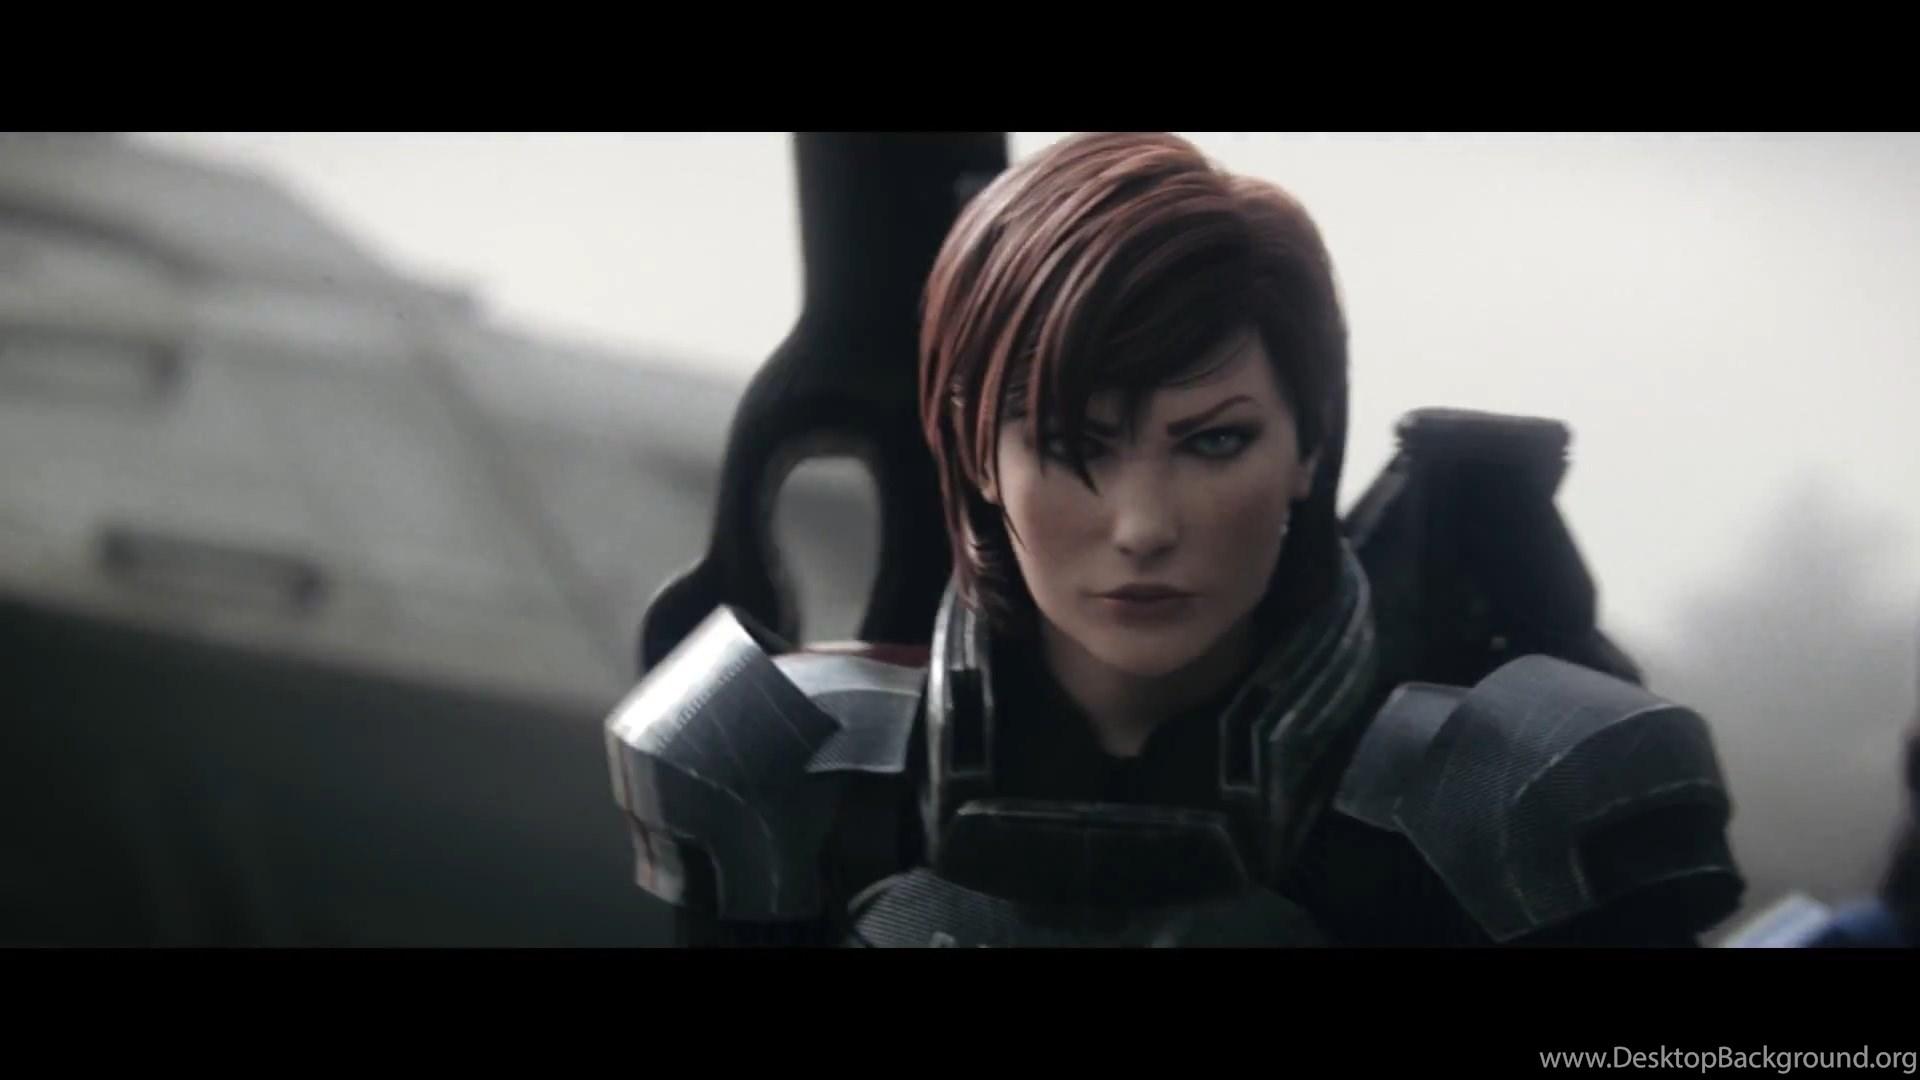 Mass Effect 3 Commander Femshep By Supermanlovesaspen On